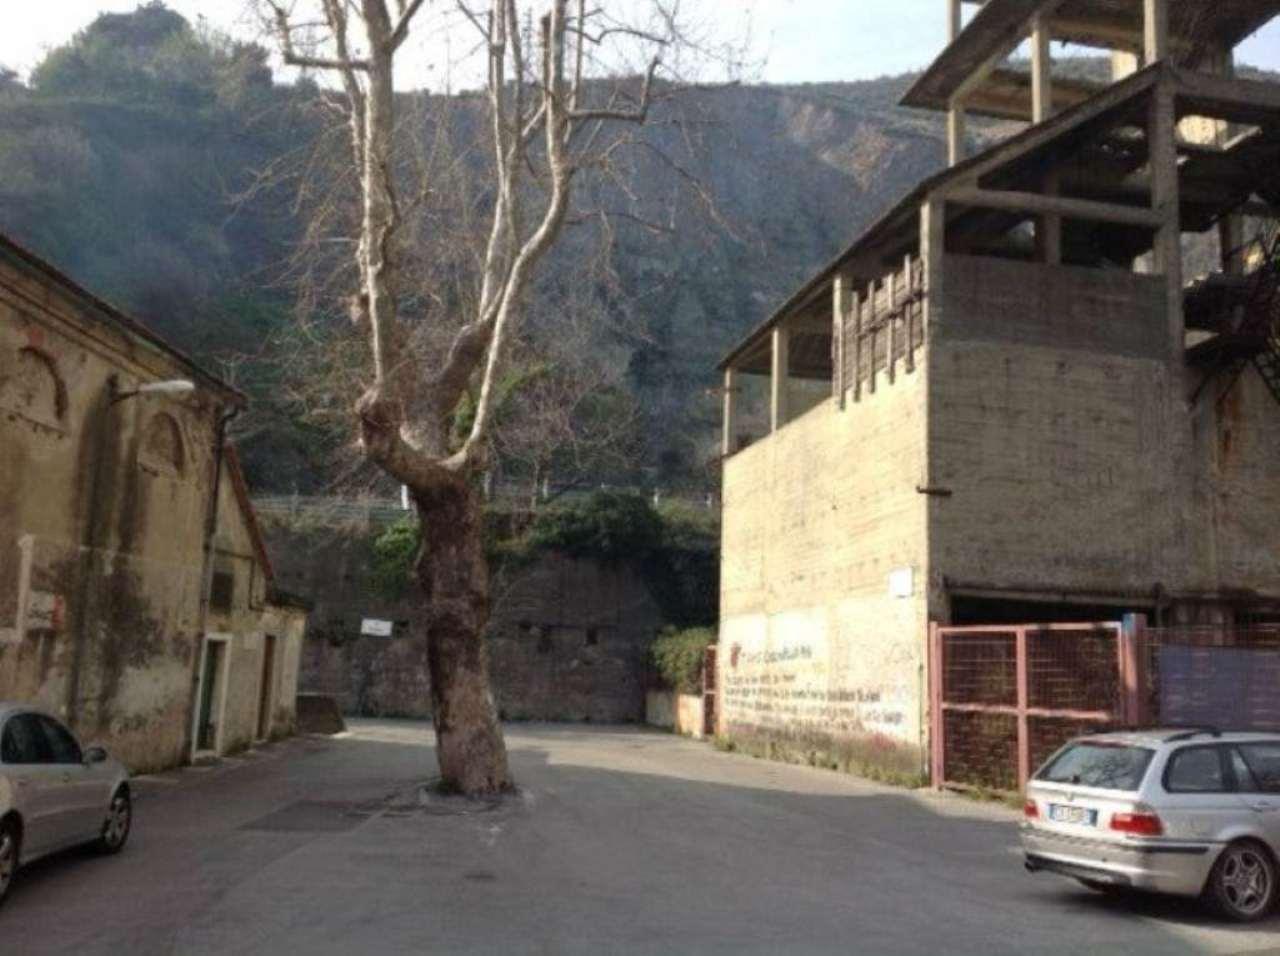 Terreno Edificabile Residenziale in vendita a Genova, 9999 locali, zona Zona: 12 . Borzoli, prezzo € 300.000 | Cambio Casa.it